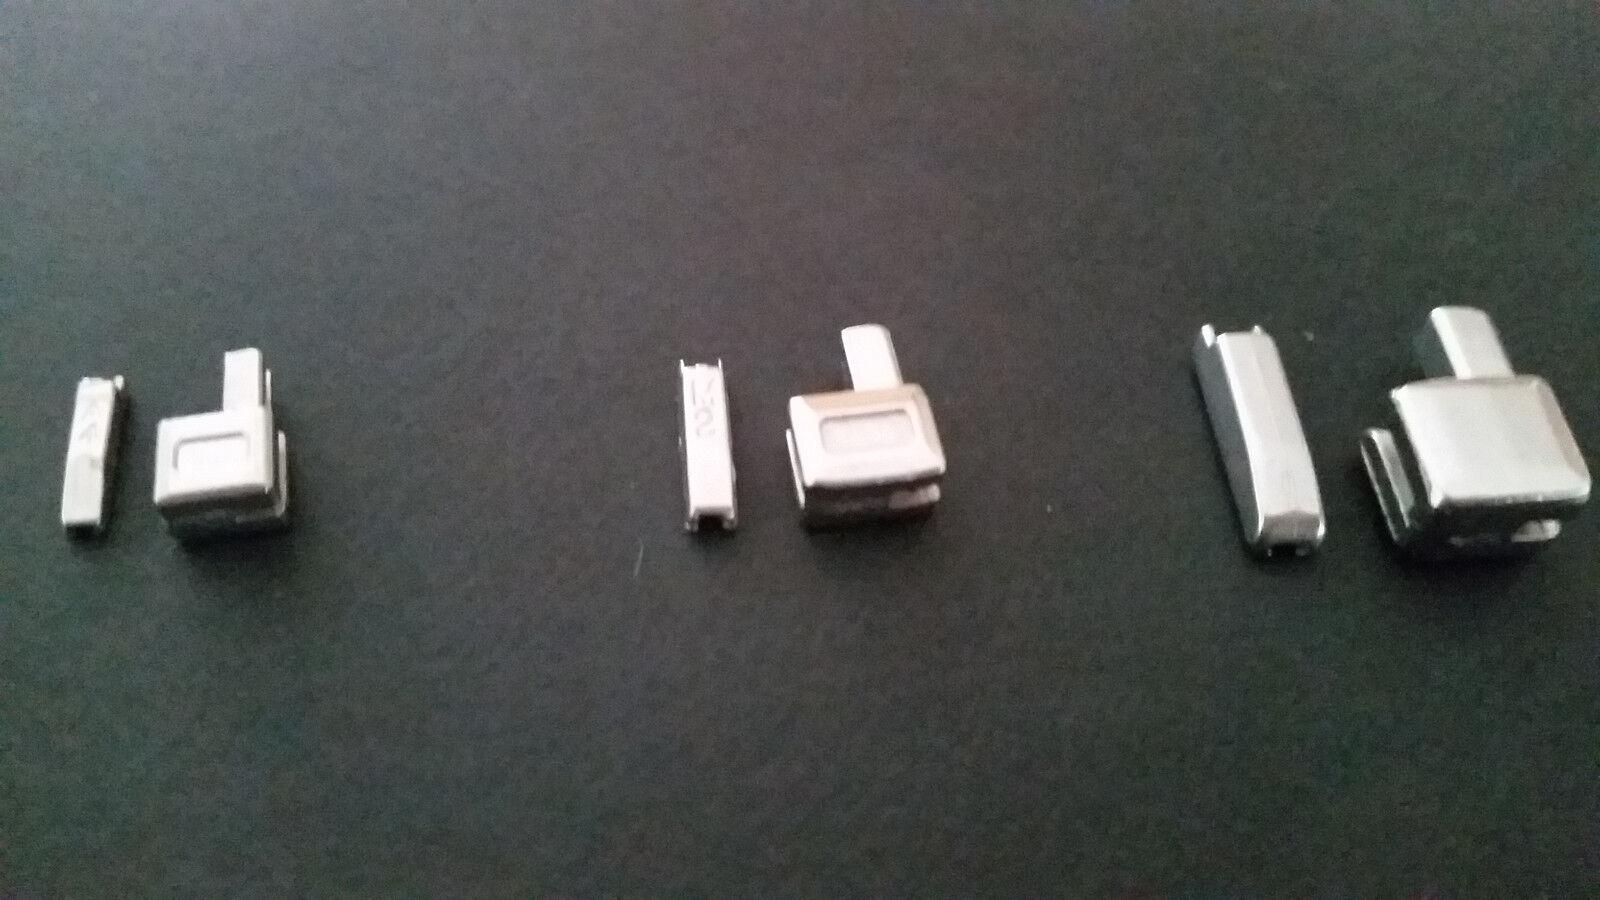 Reißverschluss Ersatzteile Zubehör Reparatur-Set 1,2,3,4,5,6,7,8,9,10,11,12,13..